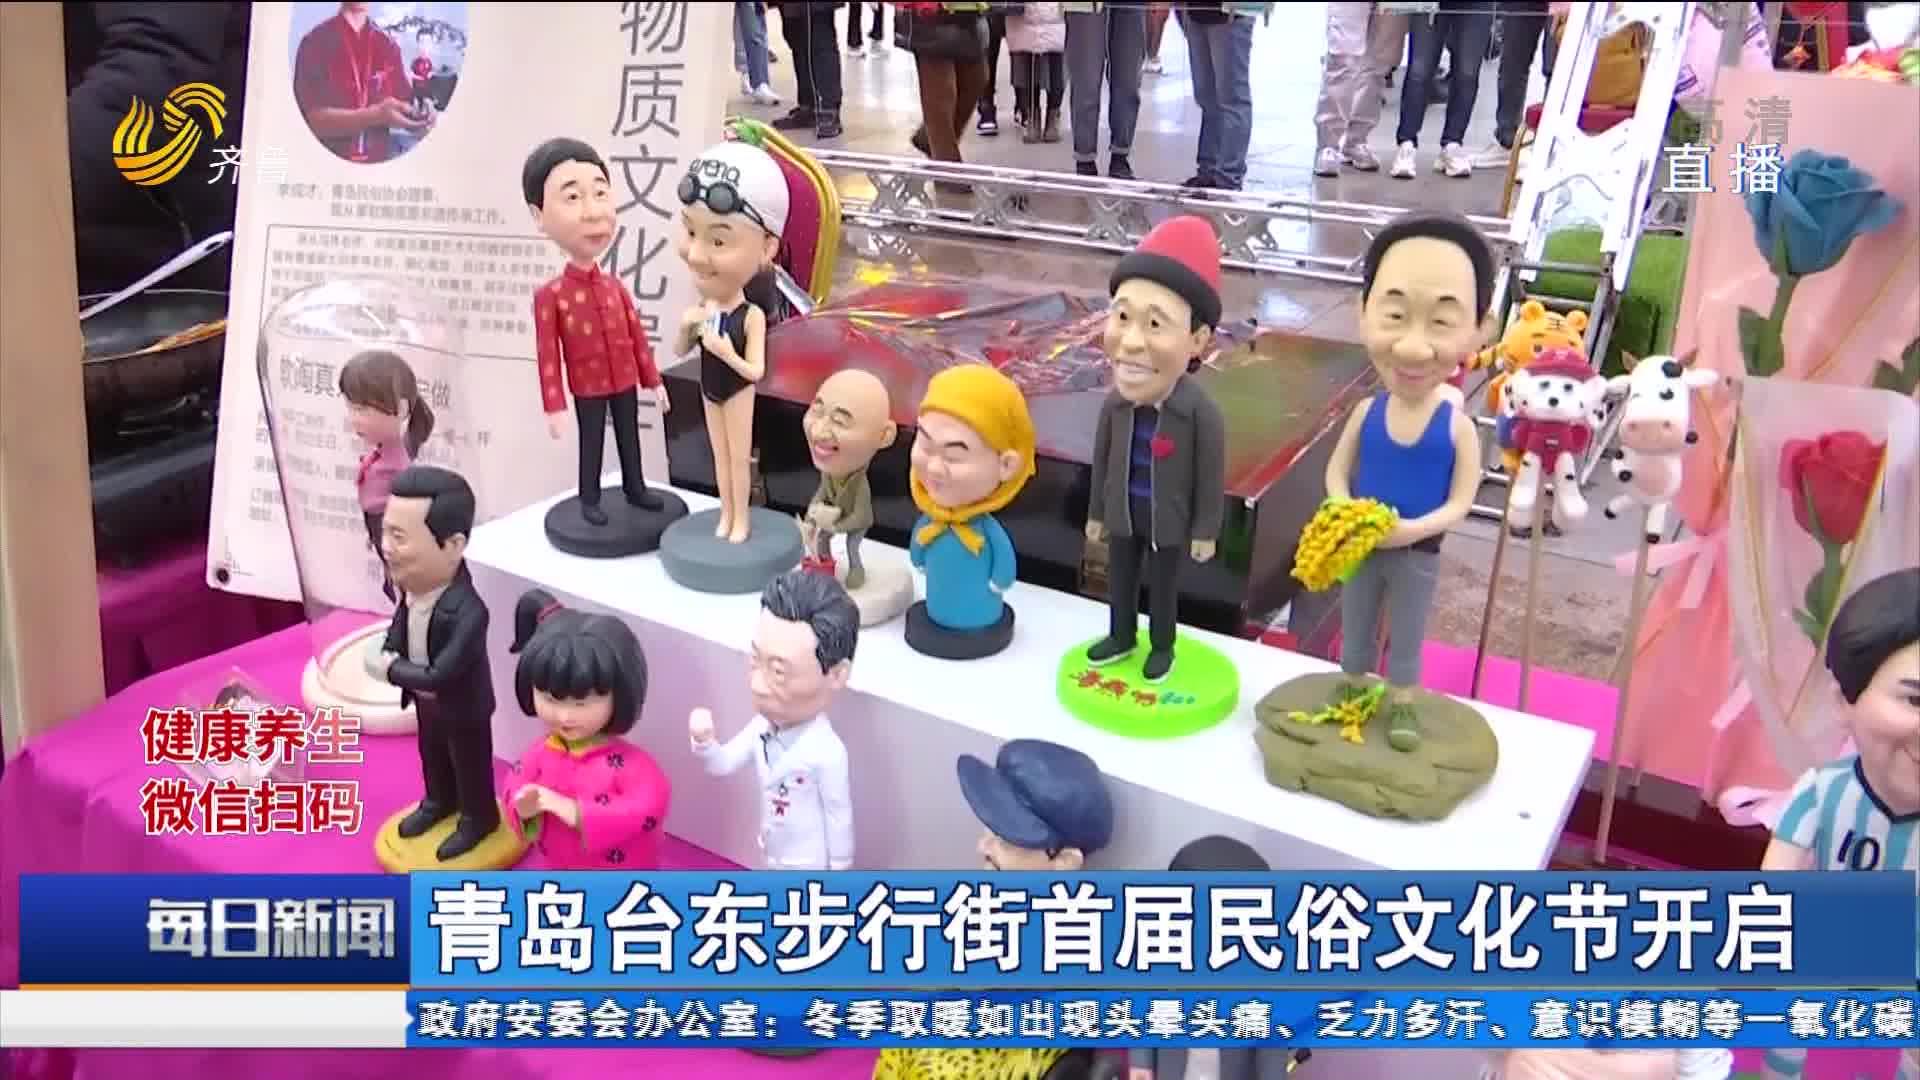 青岛台东步行街首届民俗文化节开启